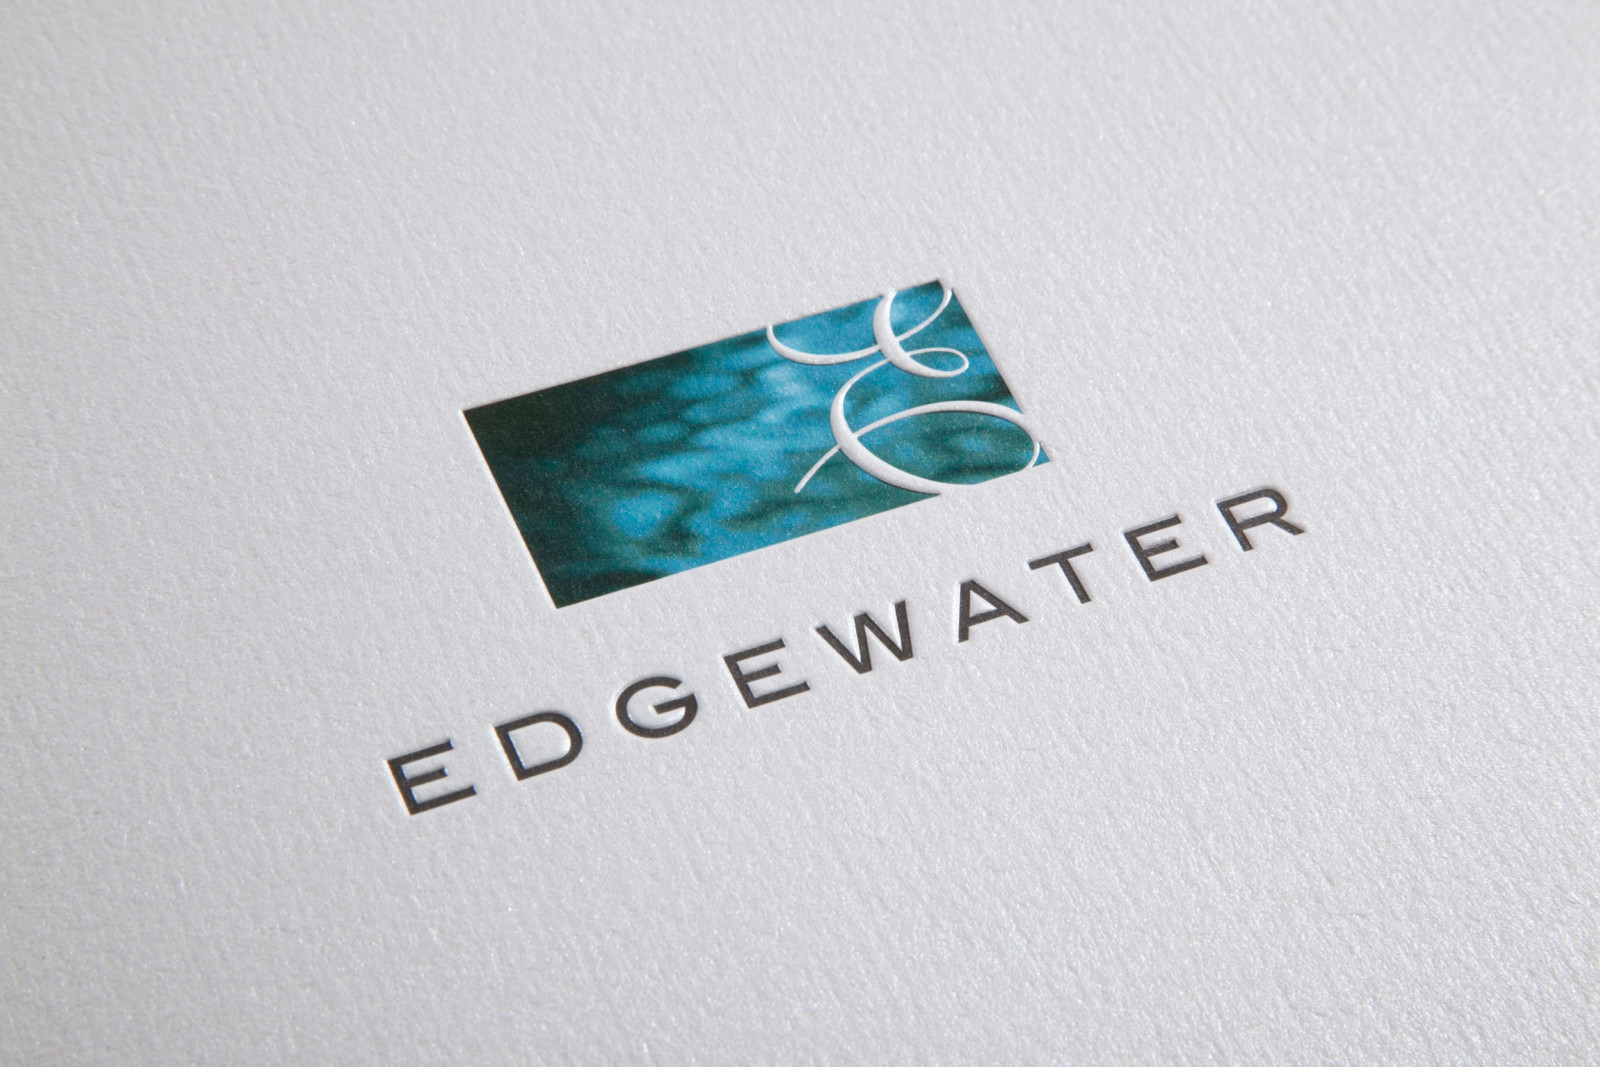 Edgewater Brand Identity